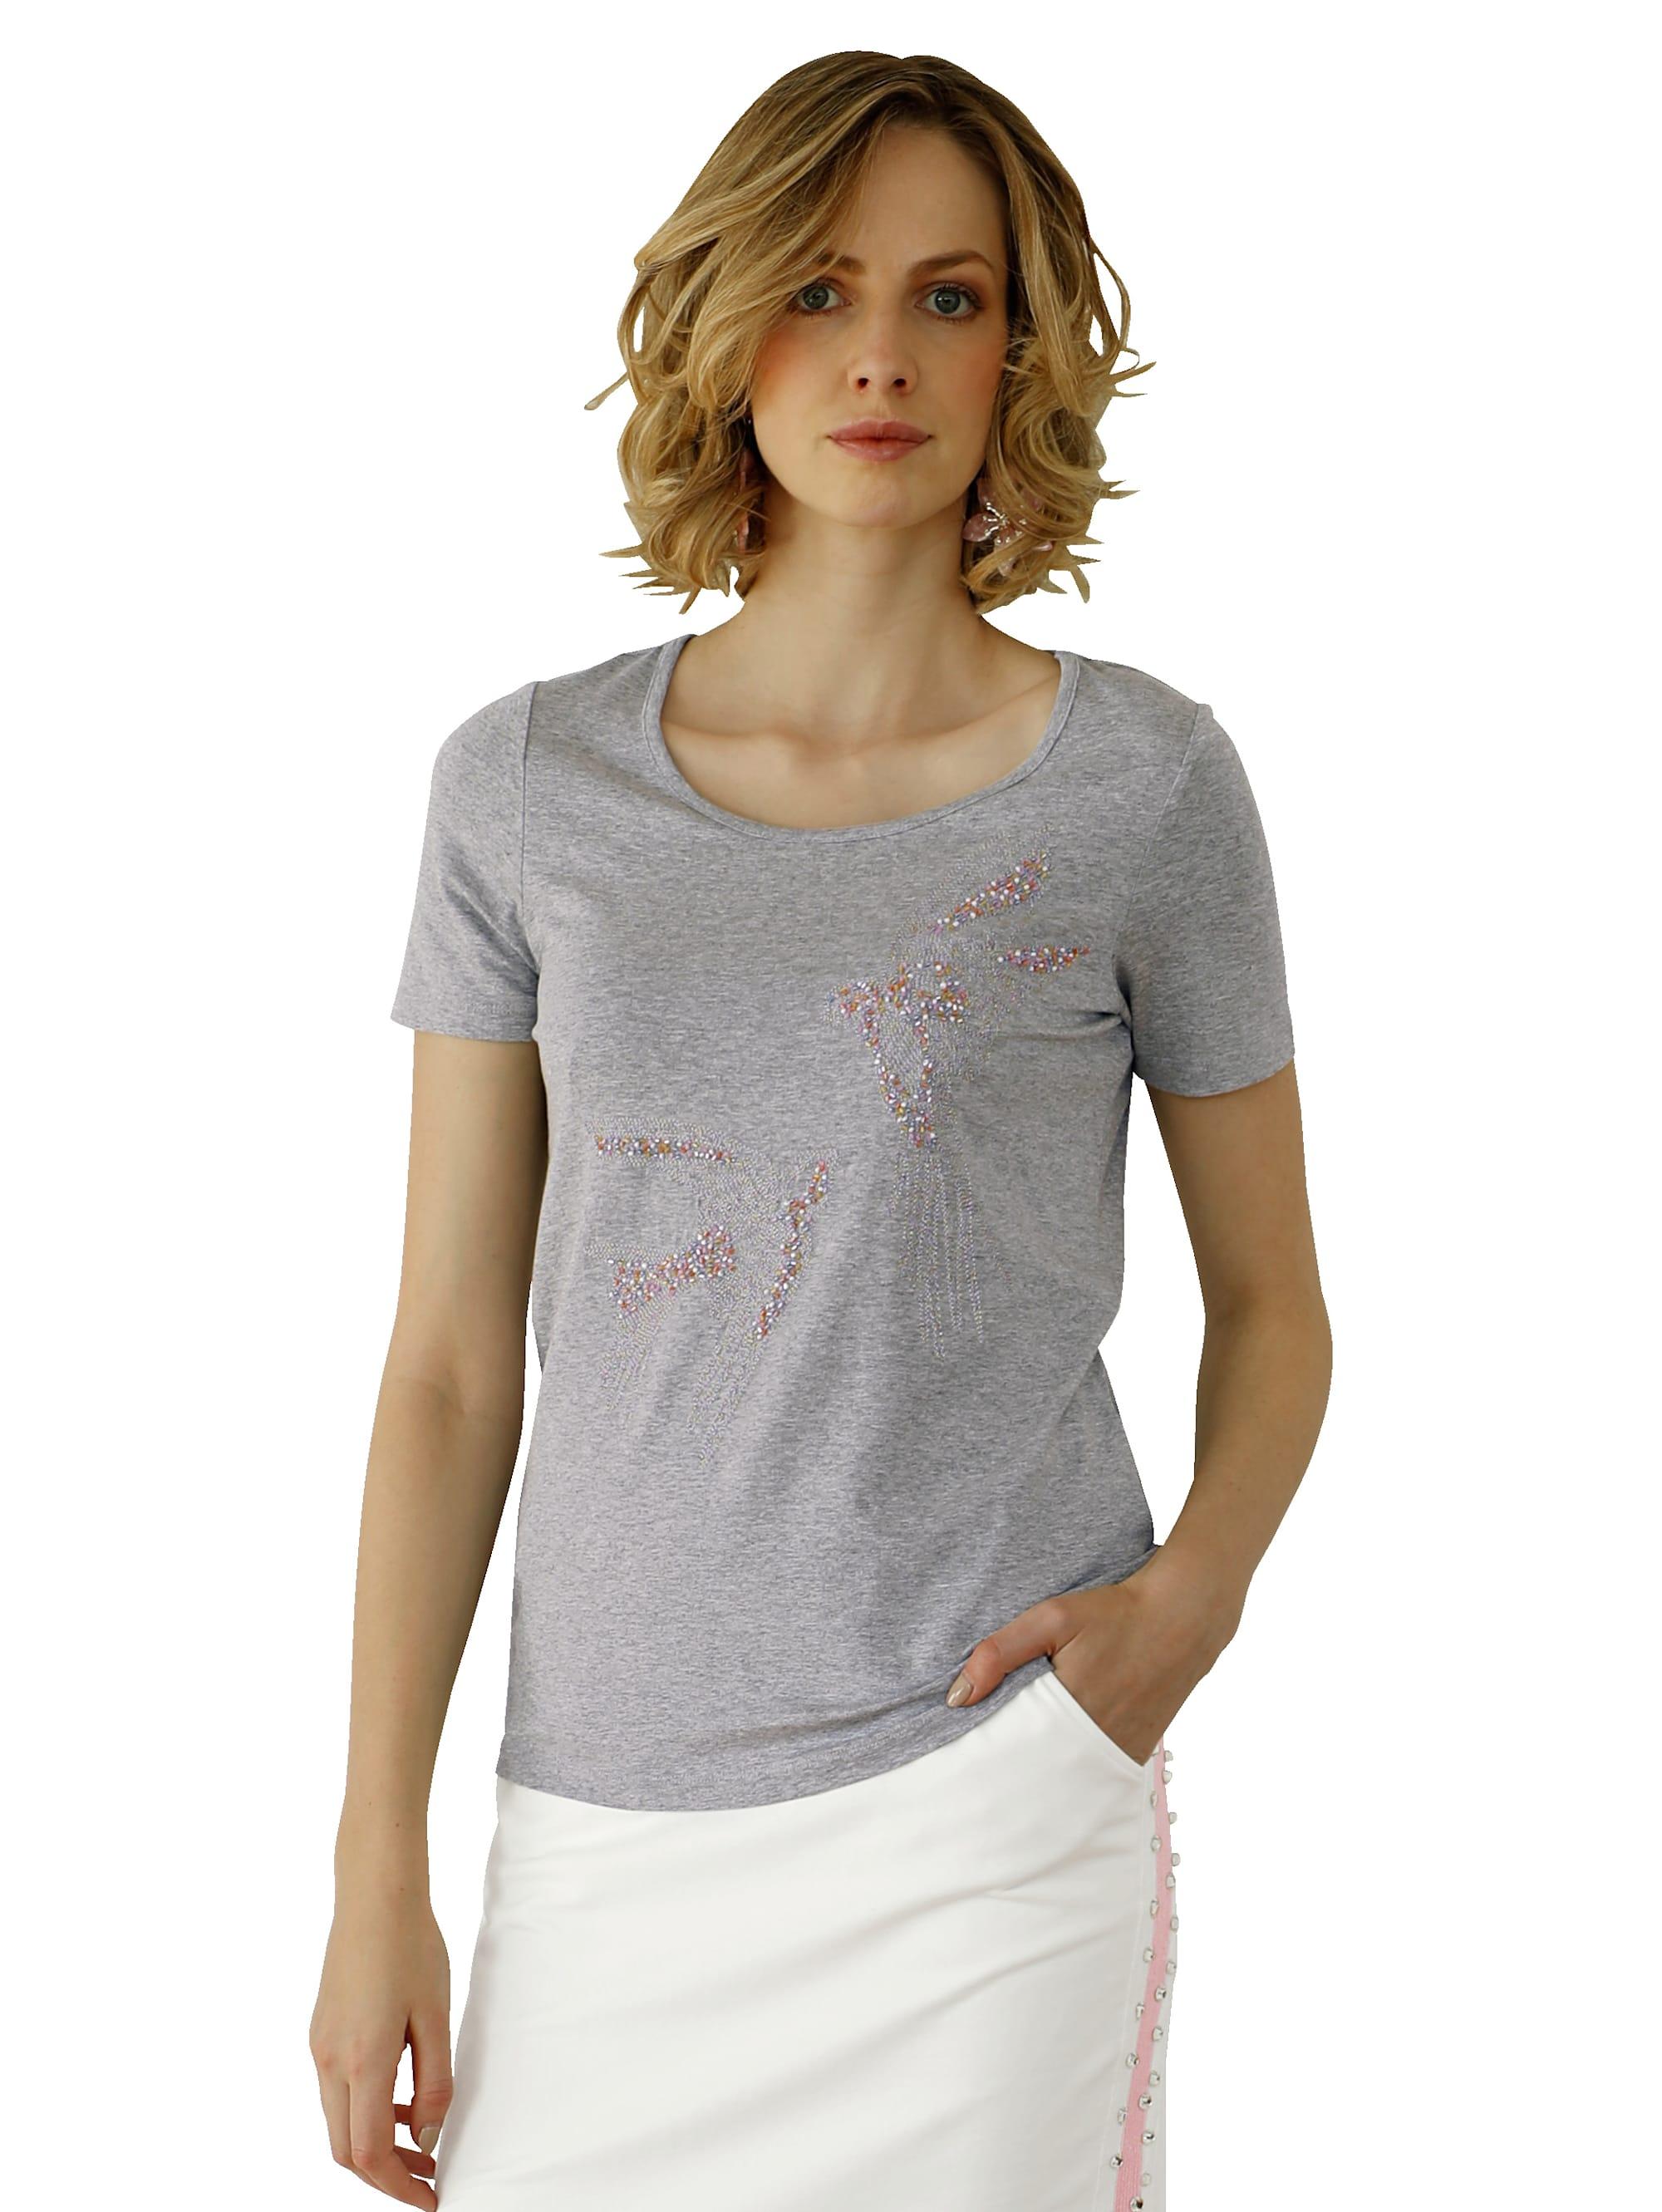 AMY VERMONT Shirt mit Stickerei und Perlendekoration im Vorderteil Exchl Hrl6U